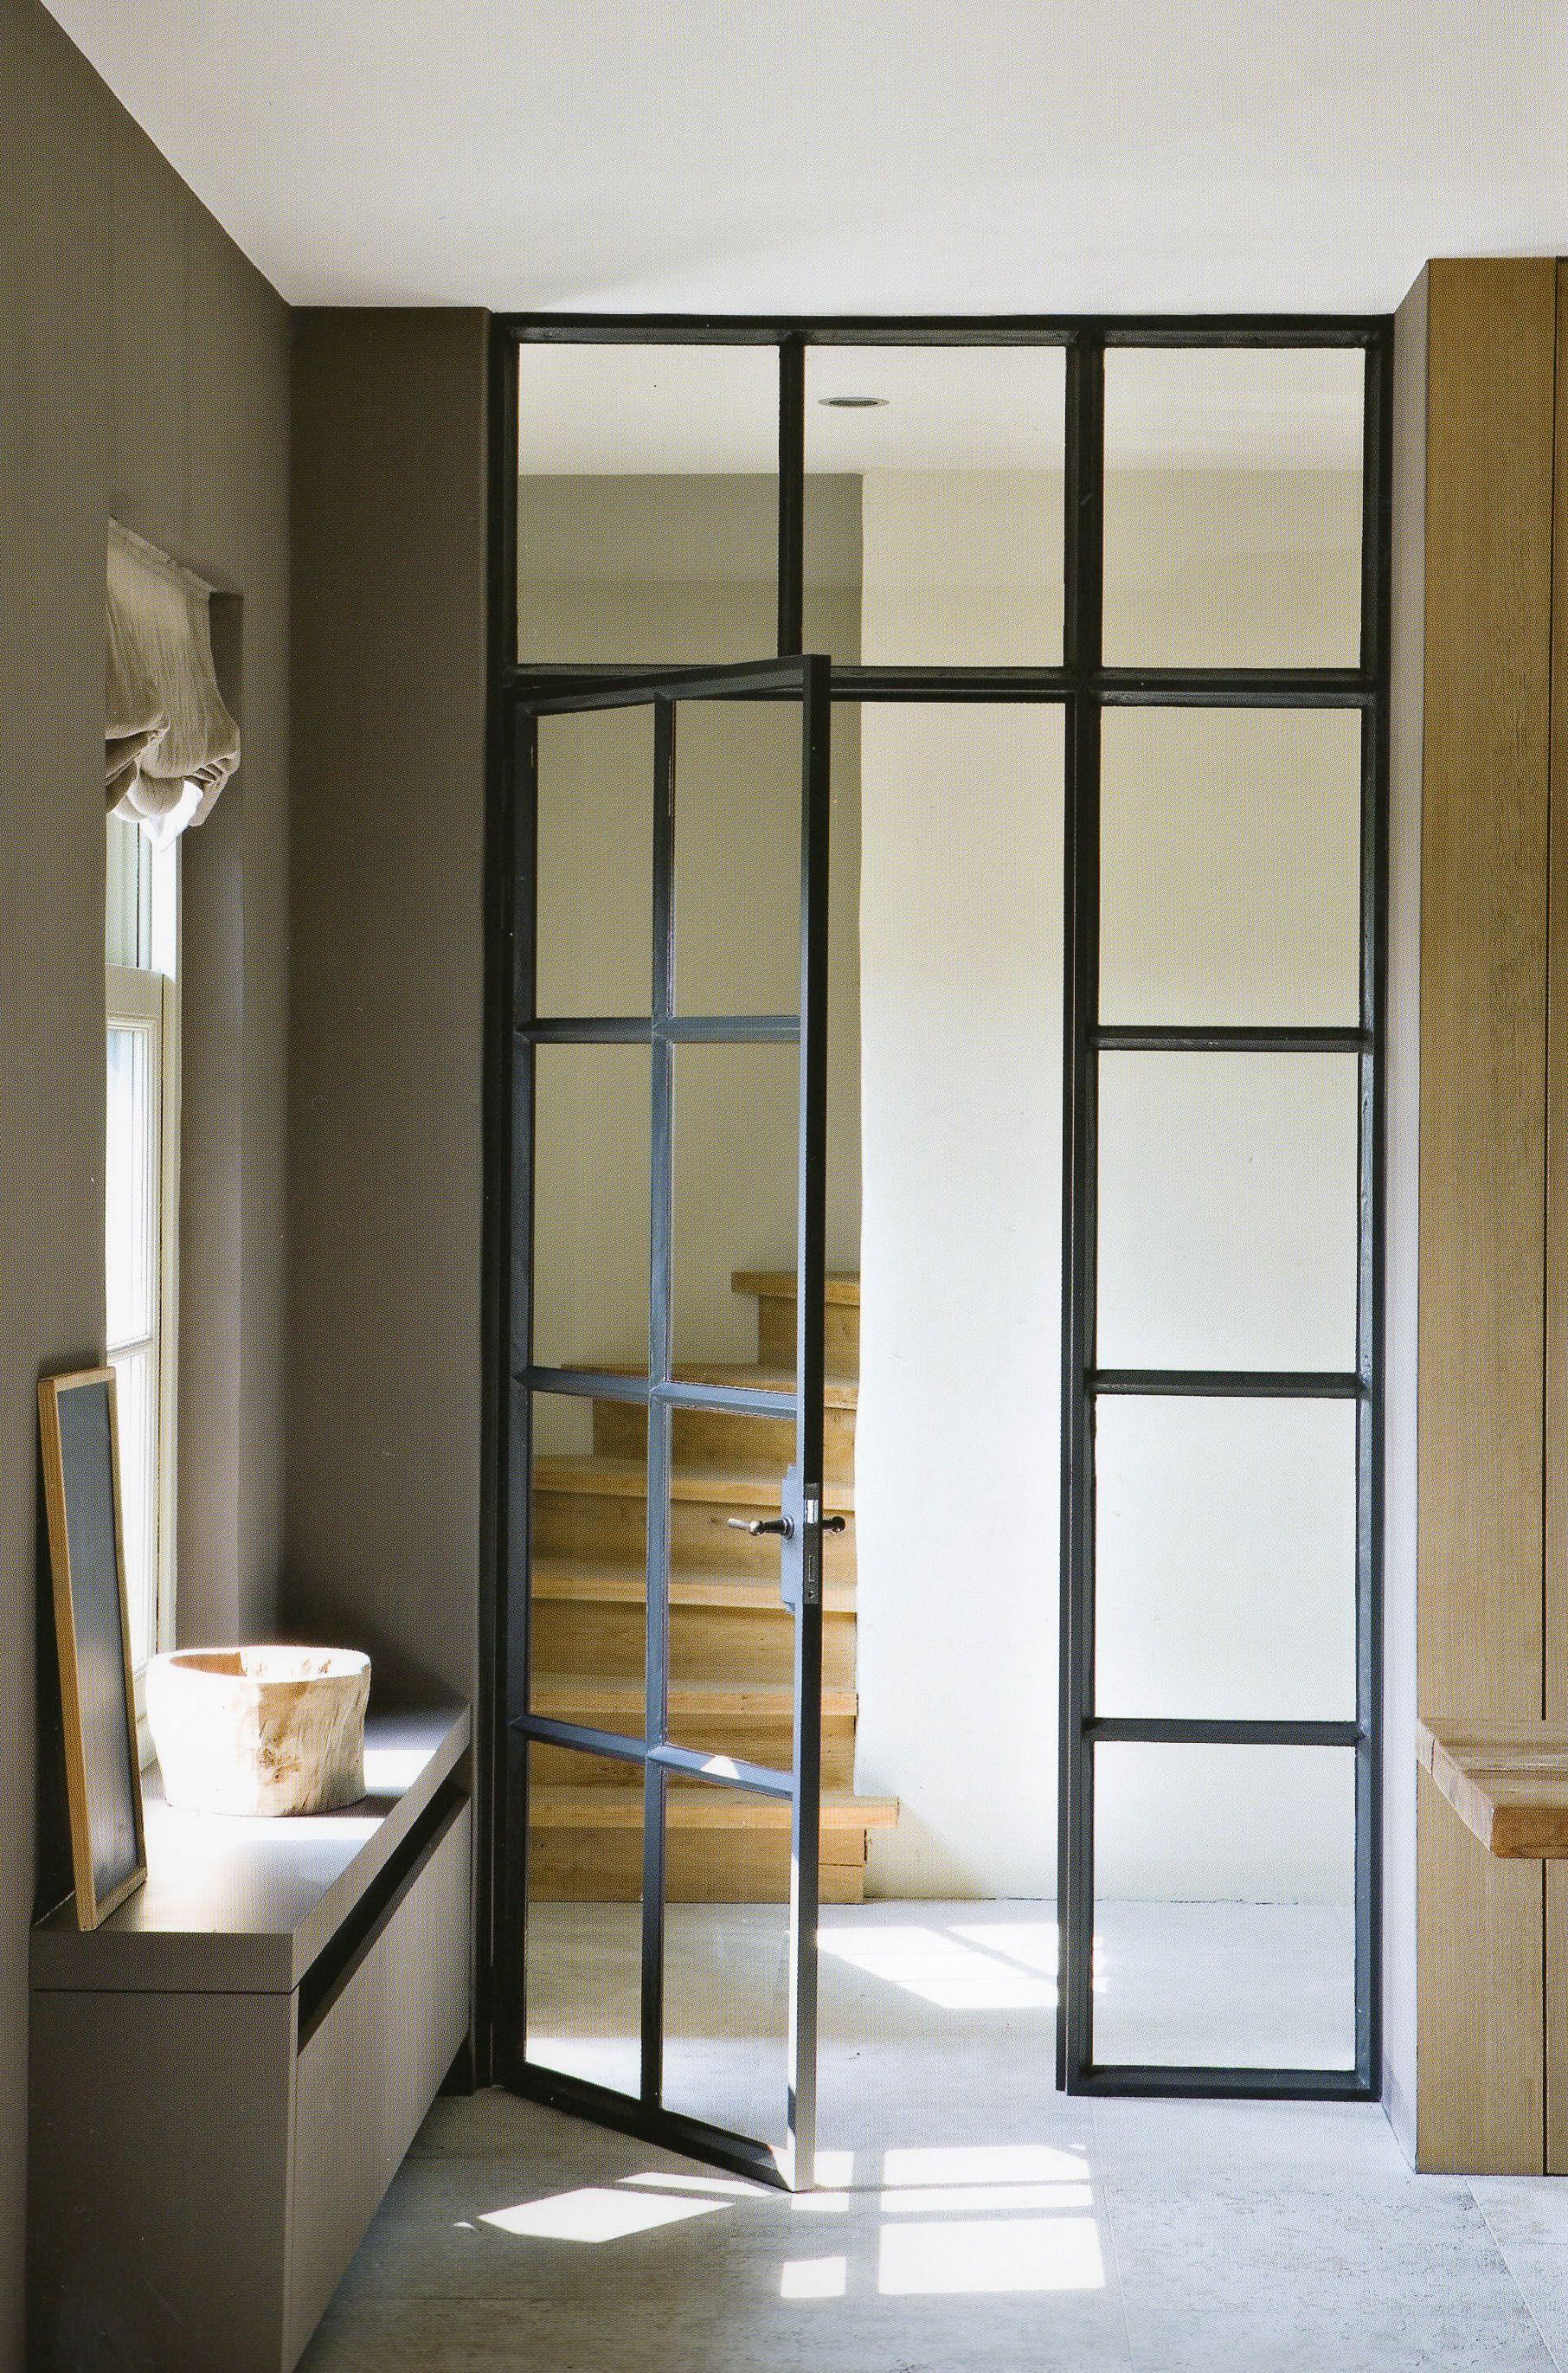 2742 #5C5034 Security Screen Doors: Steel Frame Doors image Glass And Steel Doors 39231812